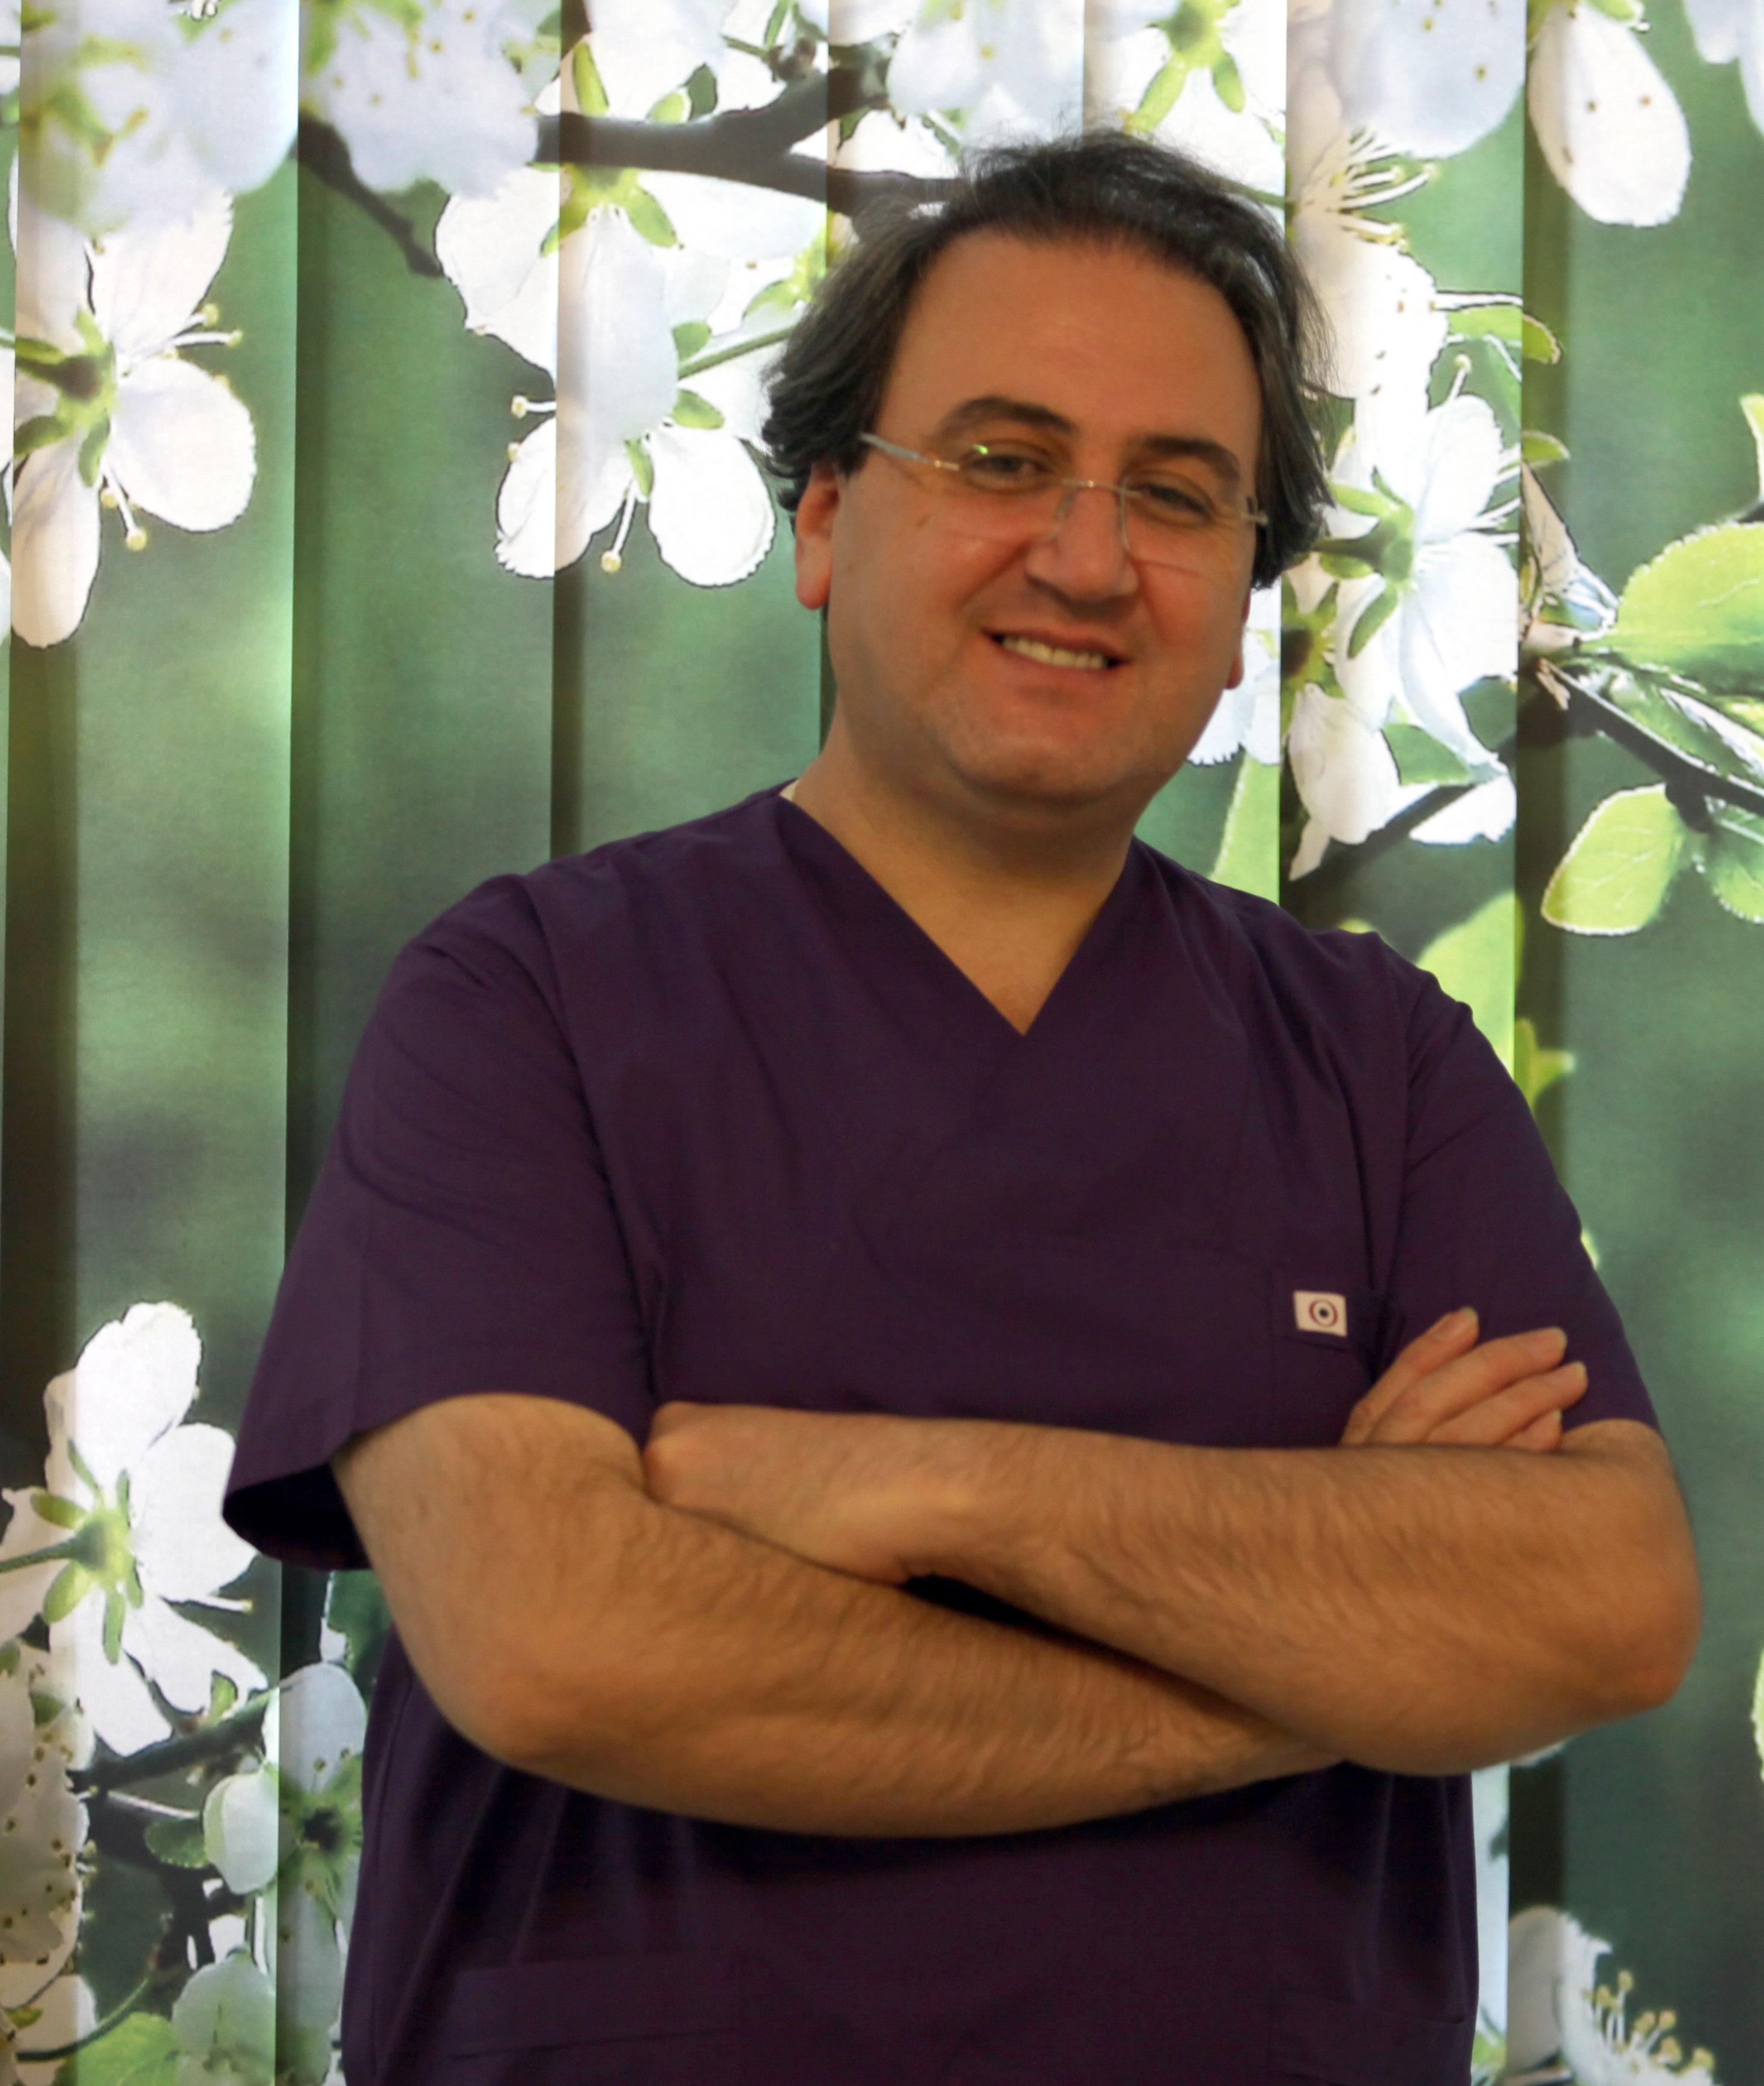 حذف انحصار از پزشکی لیزری، راهی برای کاهش درد مردم